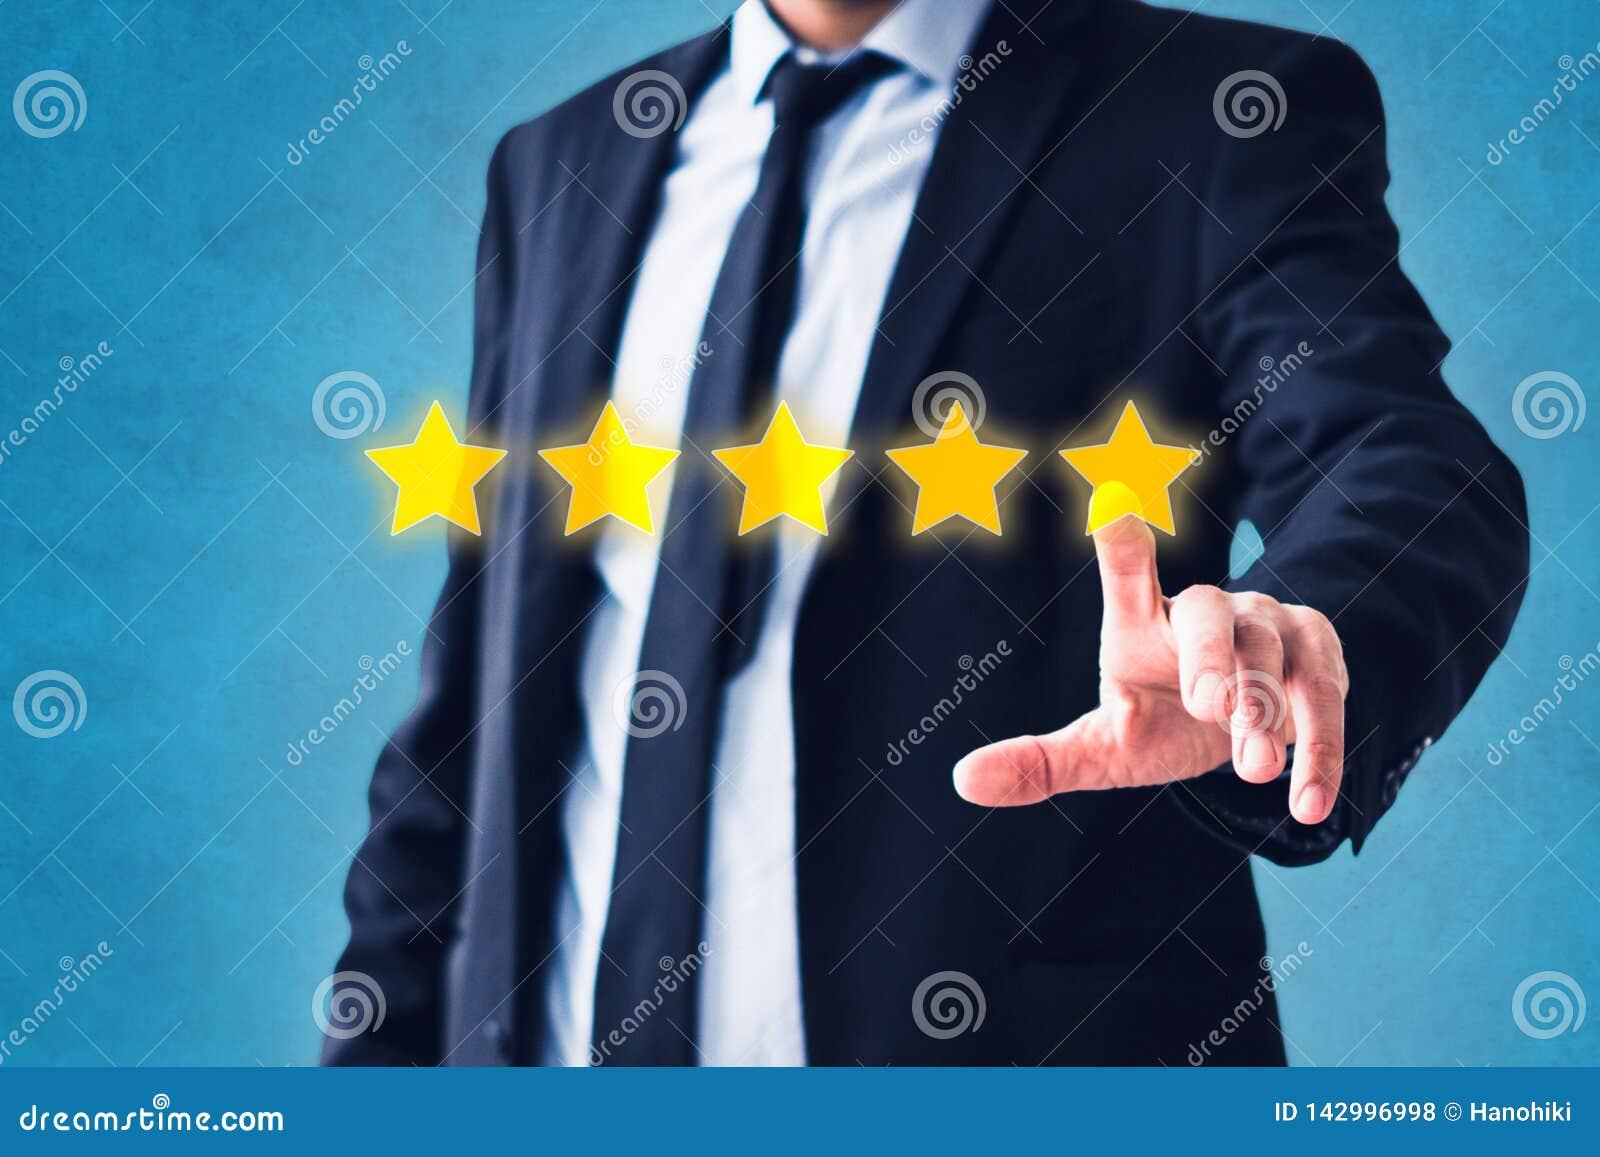 Pessoa que aponta na revisão de 5 estrelas, conceito do feedback do traje - avaliação de cinco estrelas